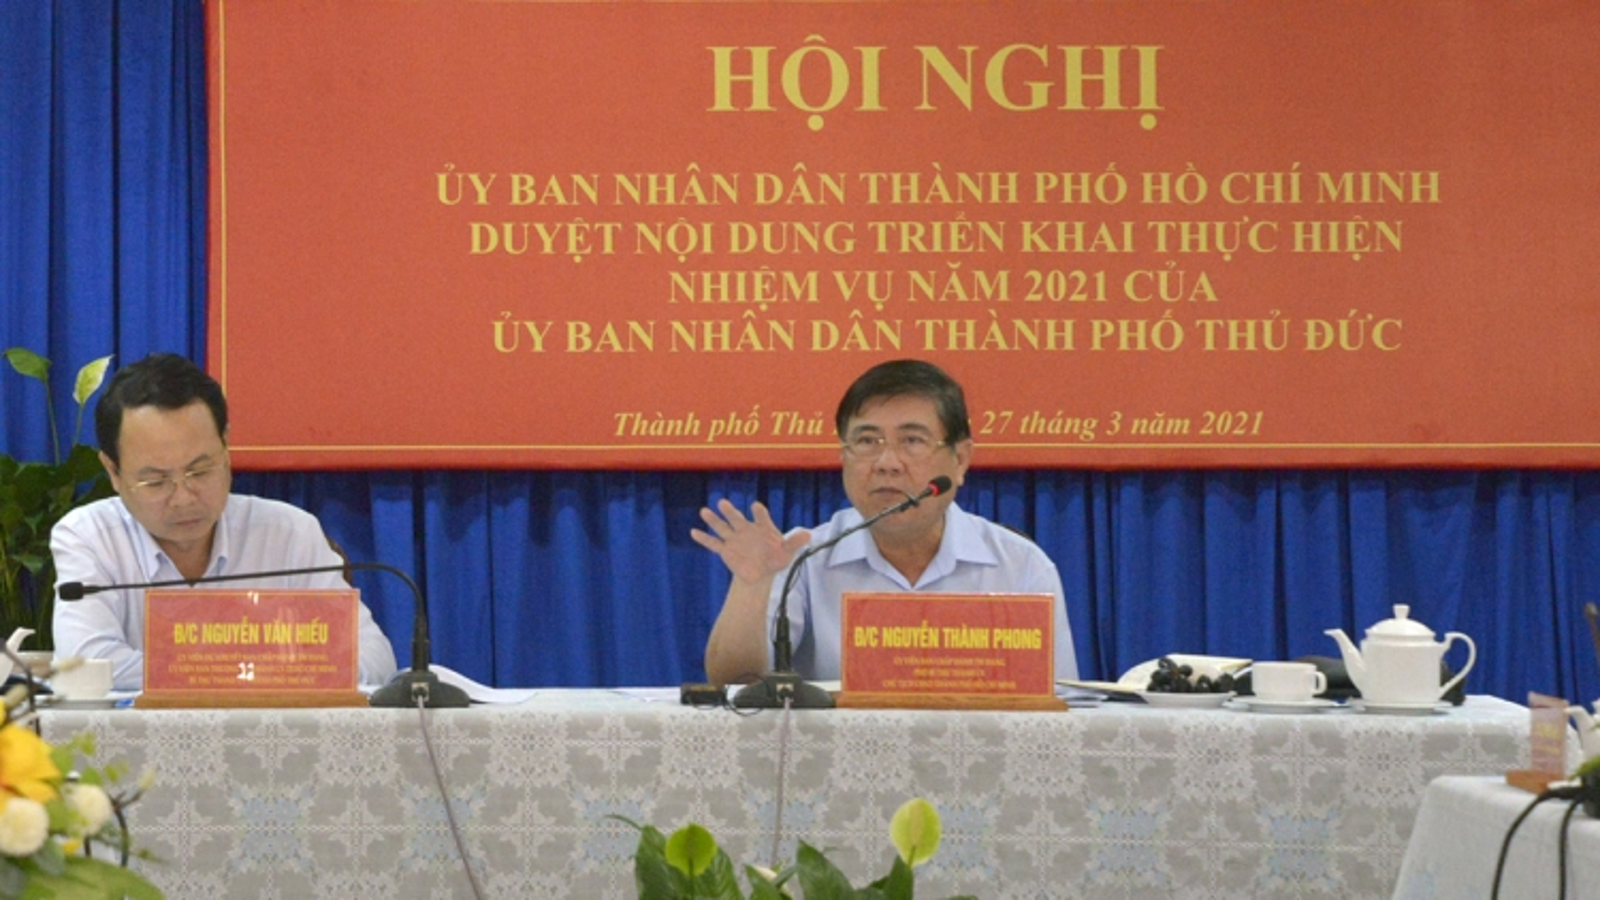 Chủ tịch UBND TPHCM: Giao quyền tối đa cho TP. Thủ Đức phát triển